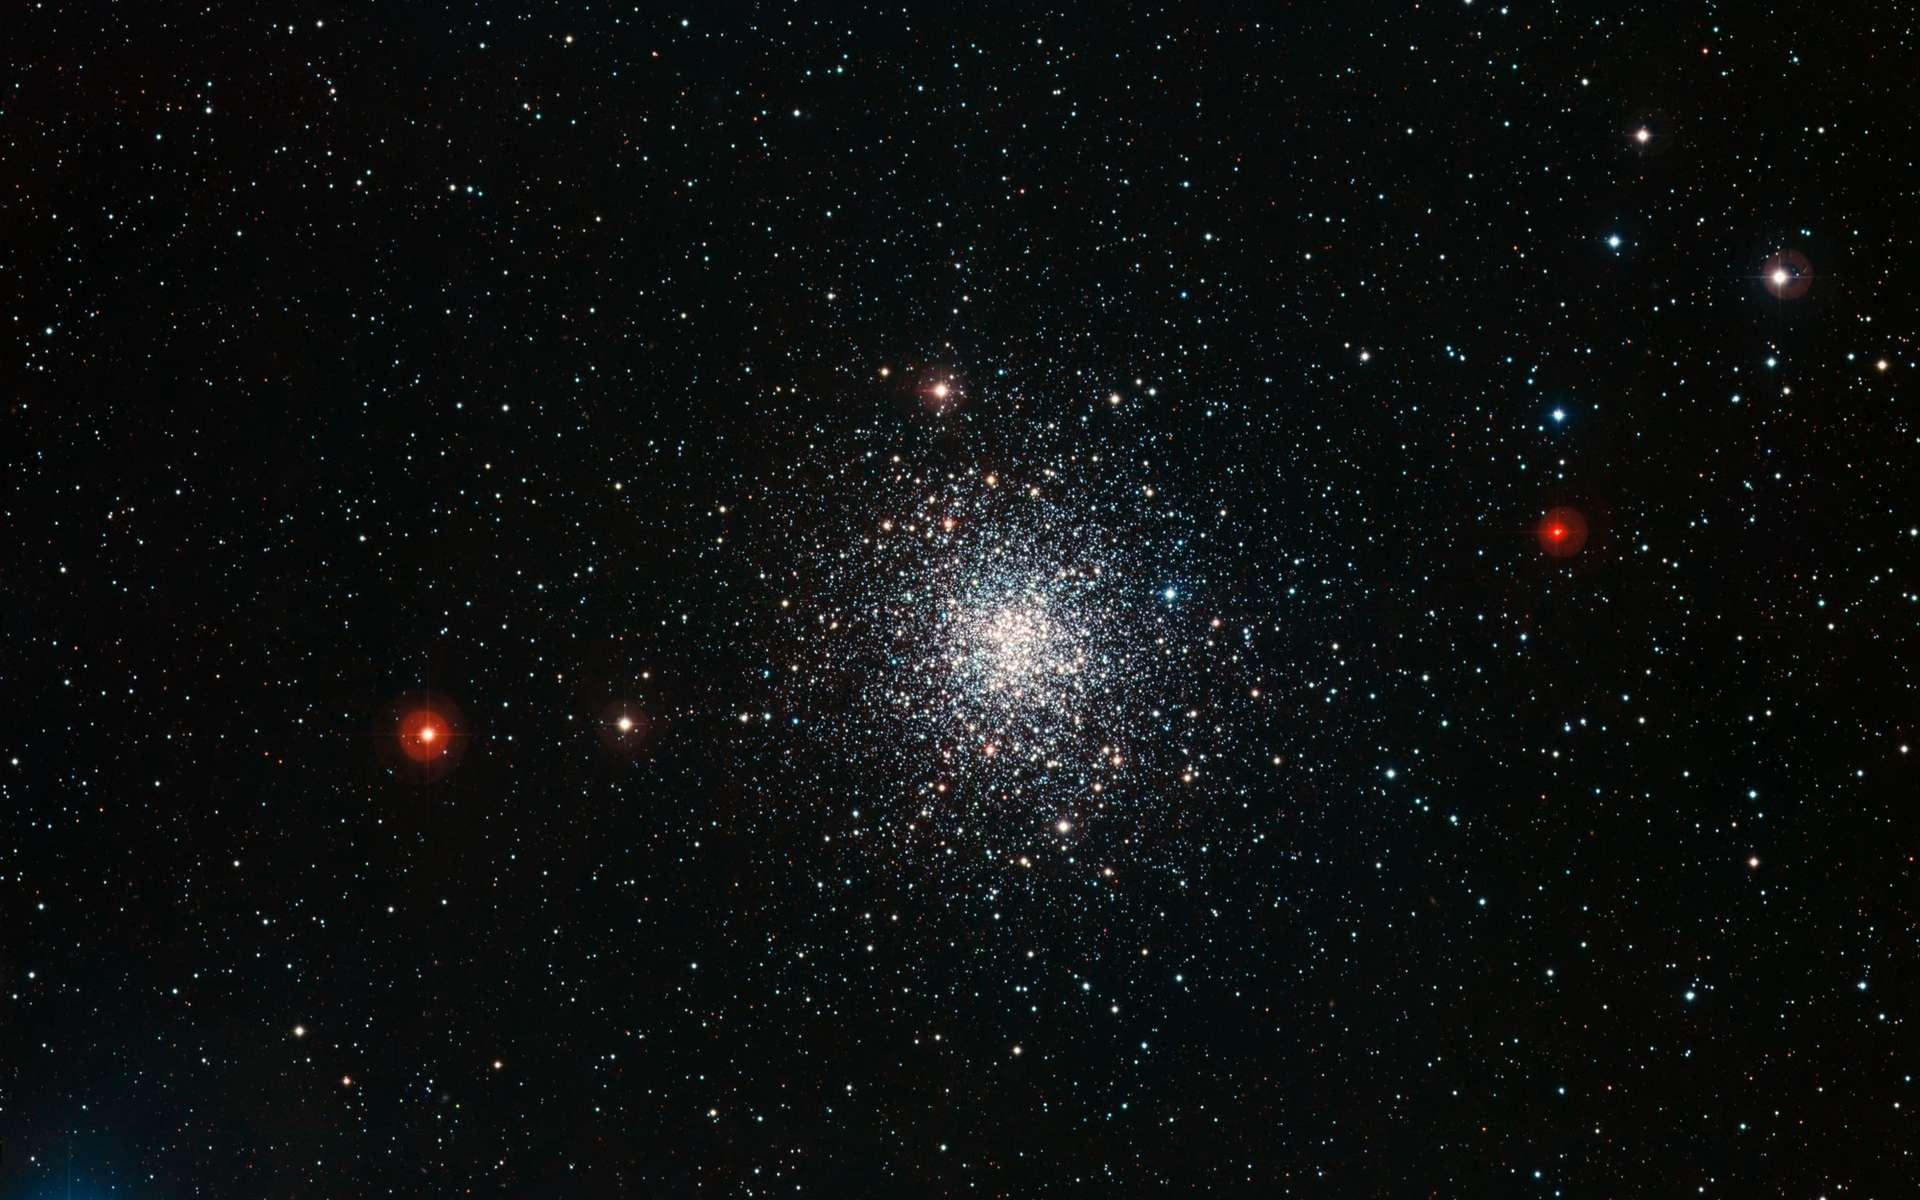 La constellation d'Ophiuchus abrite le magnifique amas globulaire M 107. © ESO/ESO Imaging Survey